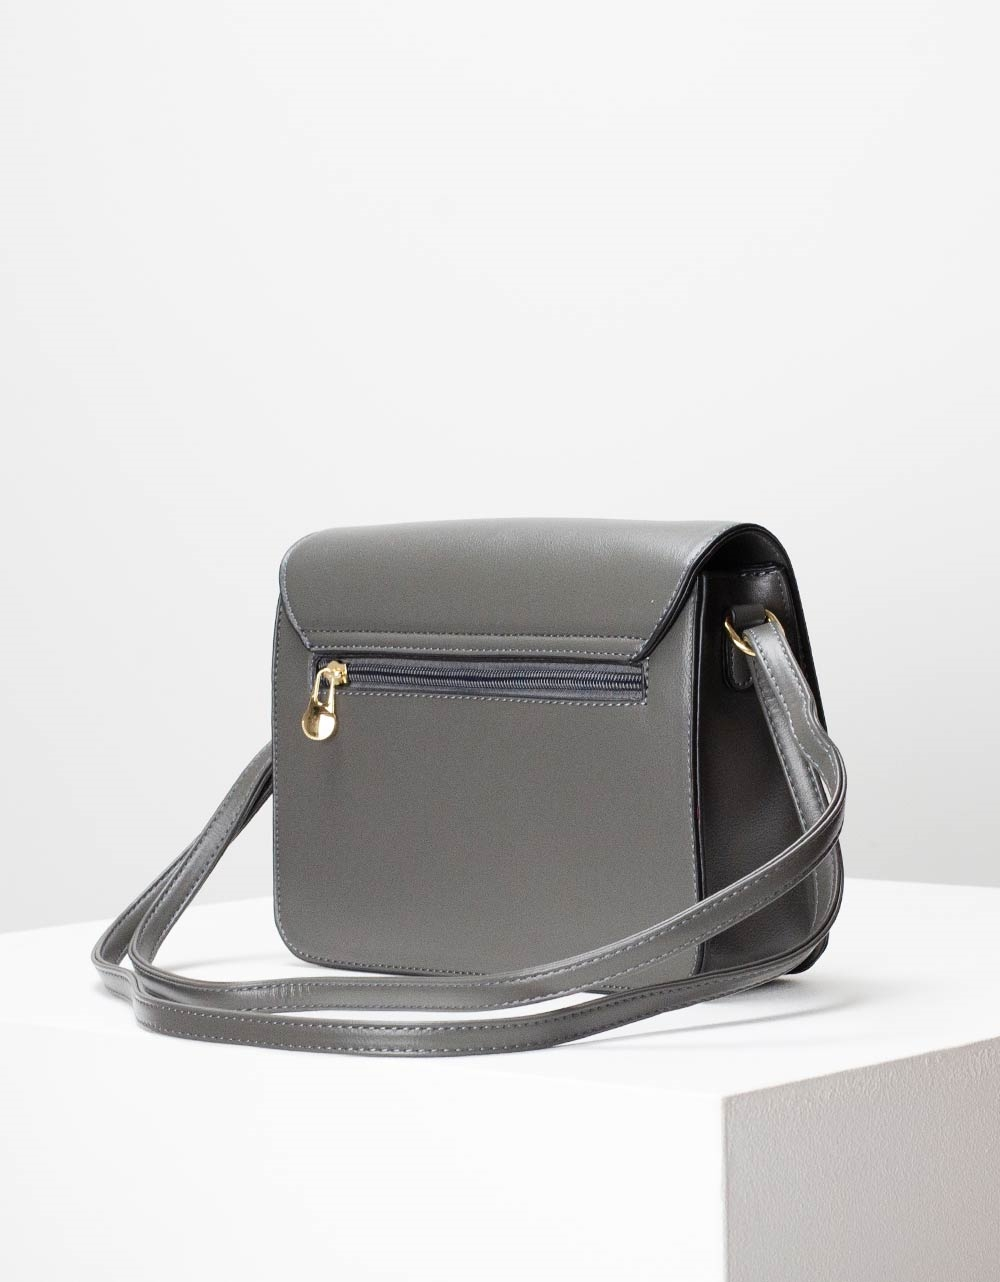 Εικόνα από Γυναικεία τσάντα ώμου μονόχρωμη Γκρι